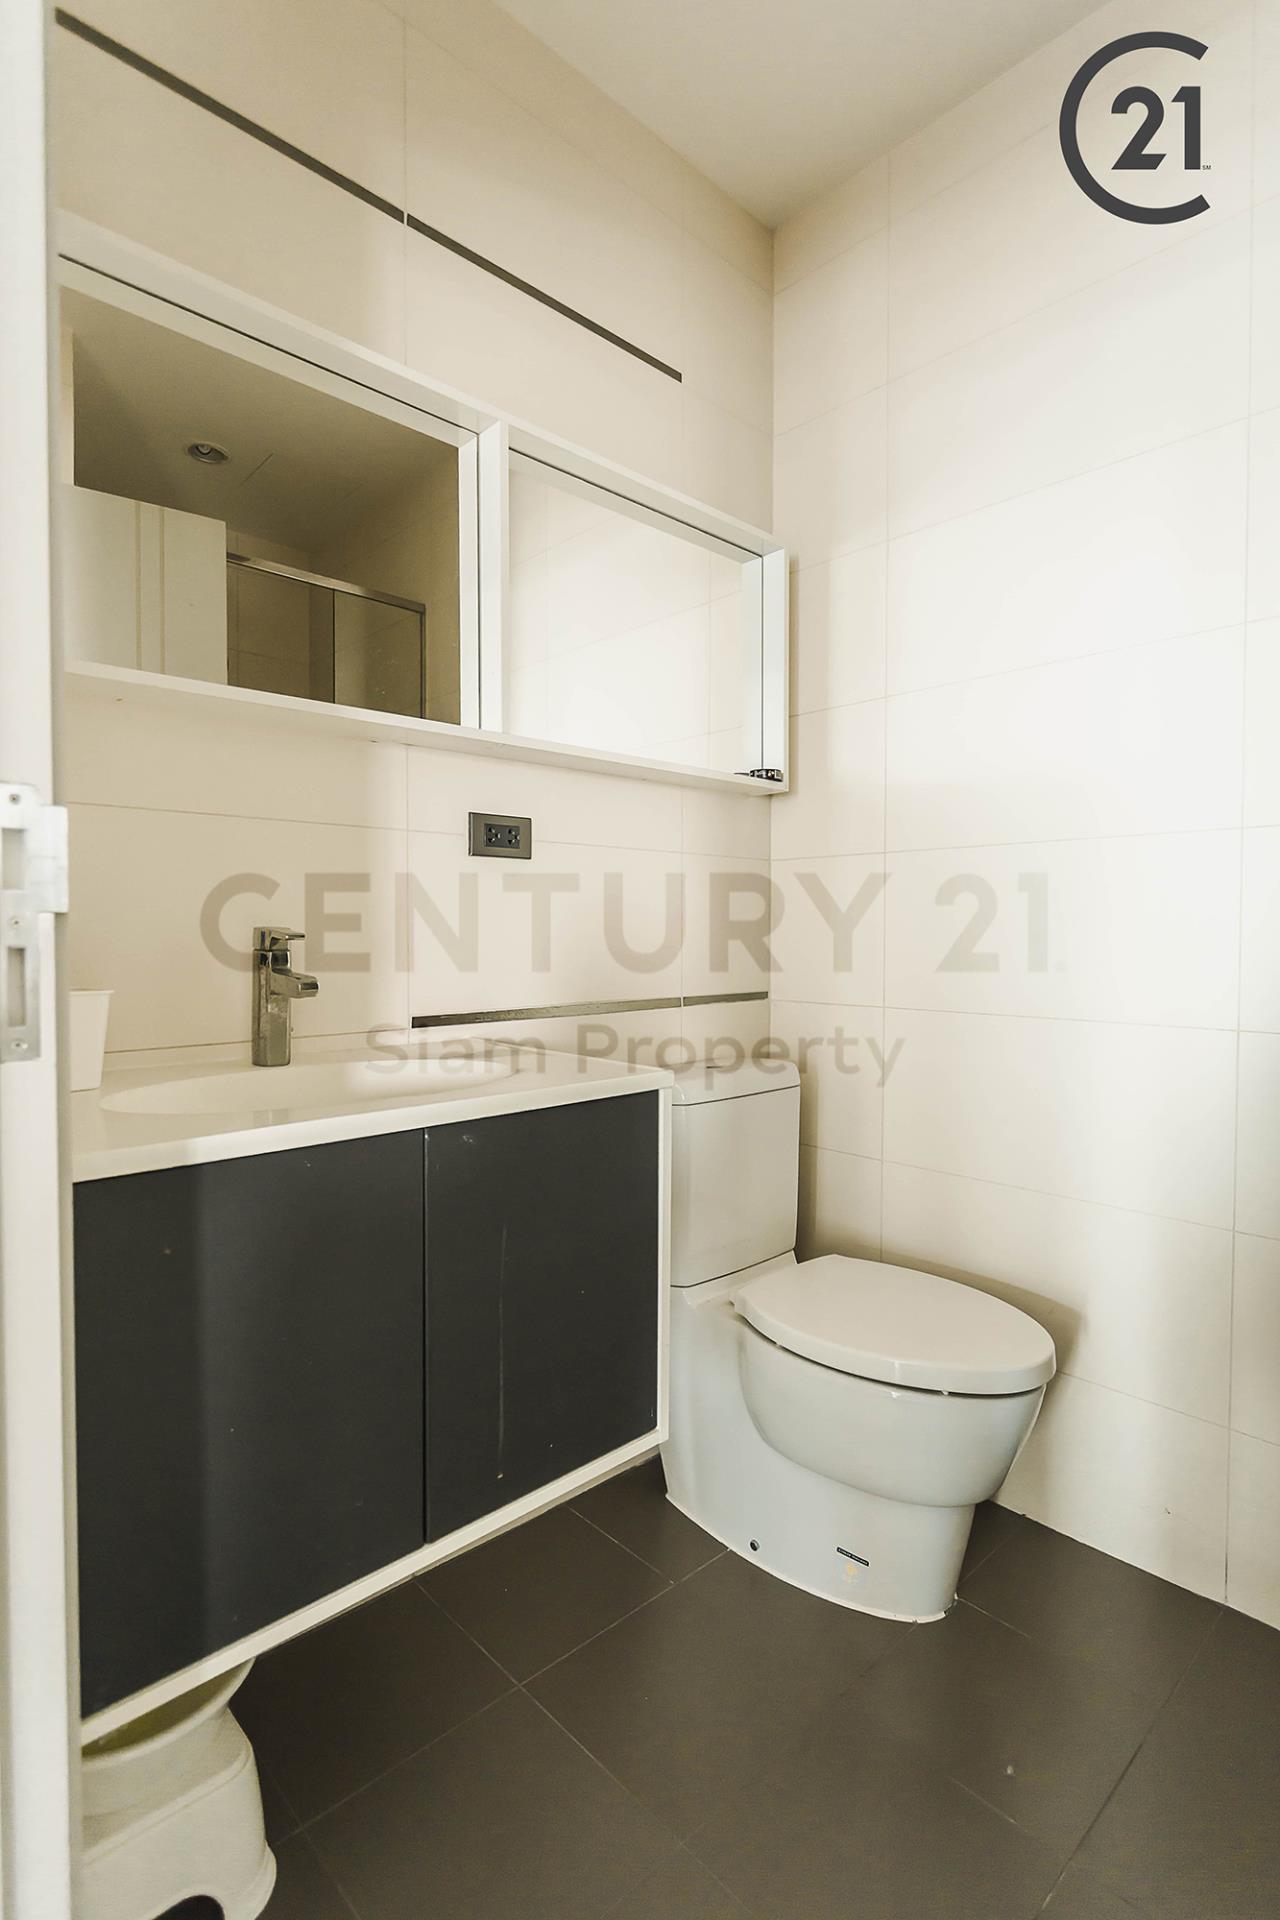 Century21 Siam Property Agency's WYNE By Sansiri 14